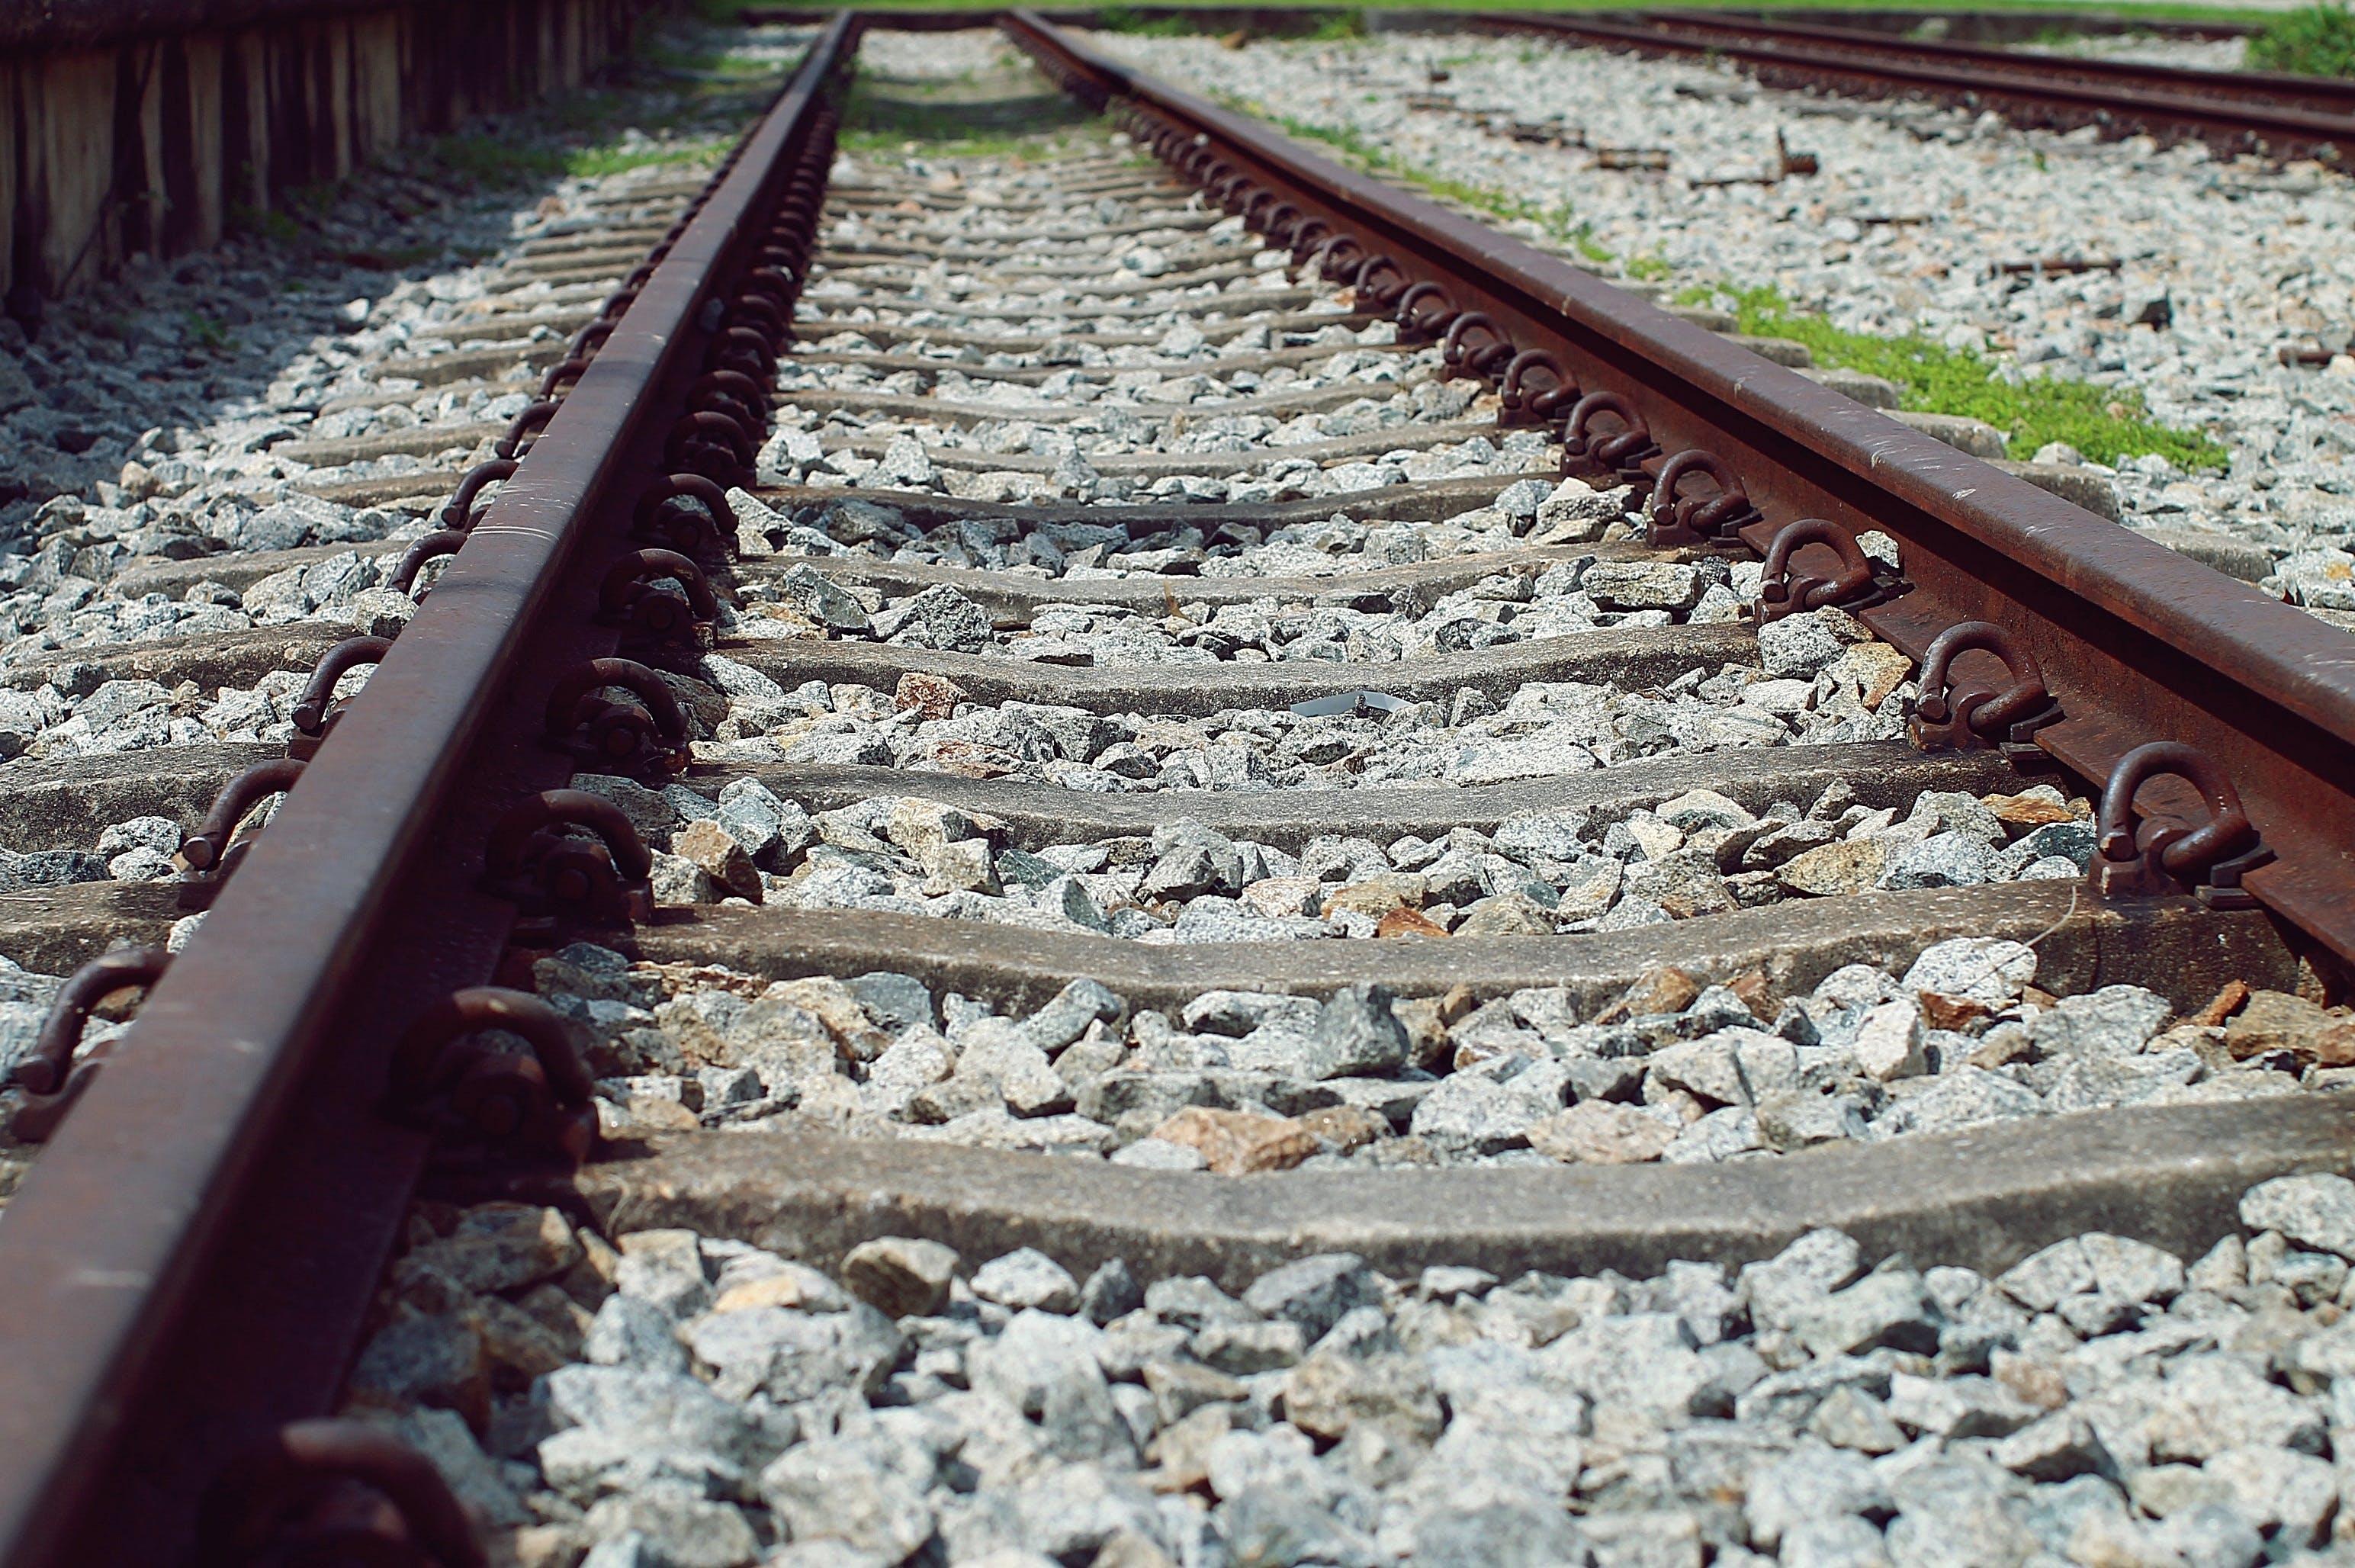 Kostenloses Stock Foto zu eisen, eisenbahn, eisenbahnlinie, eisenbahnschienen